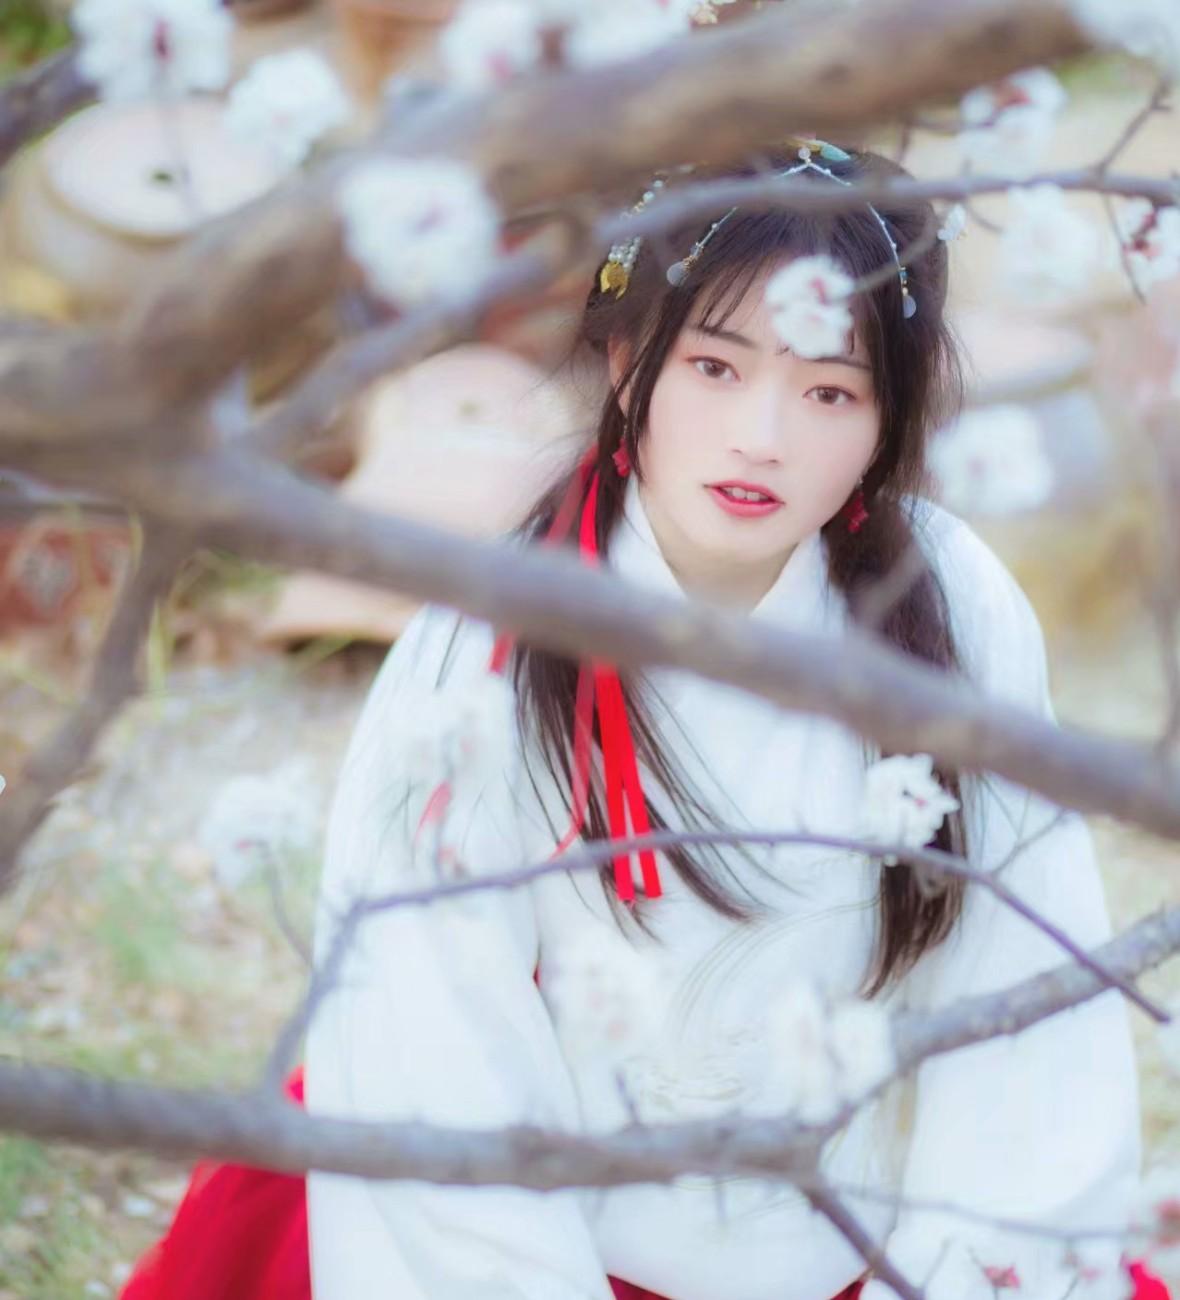 【花粉女生】落梅,花粉女生-花粉俱乐部